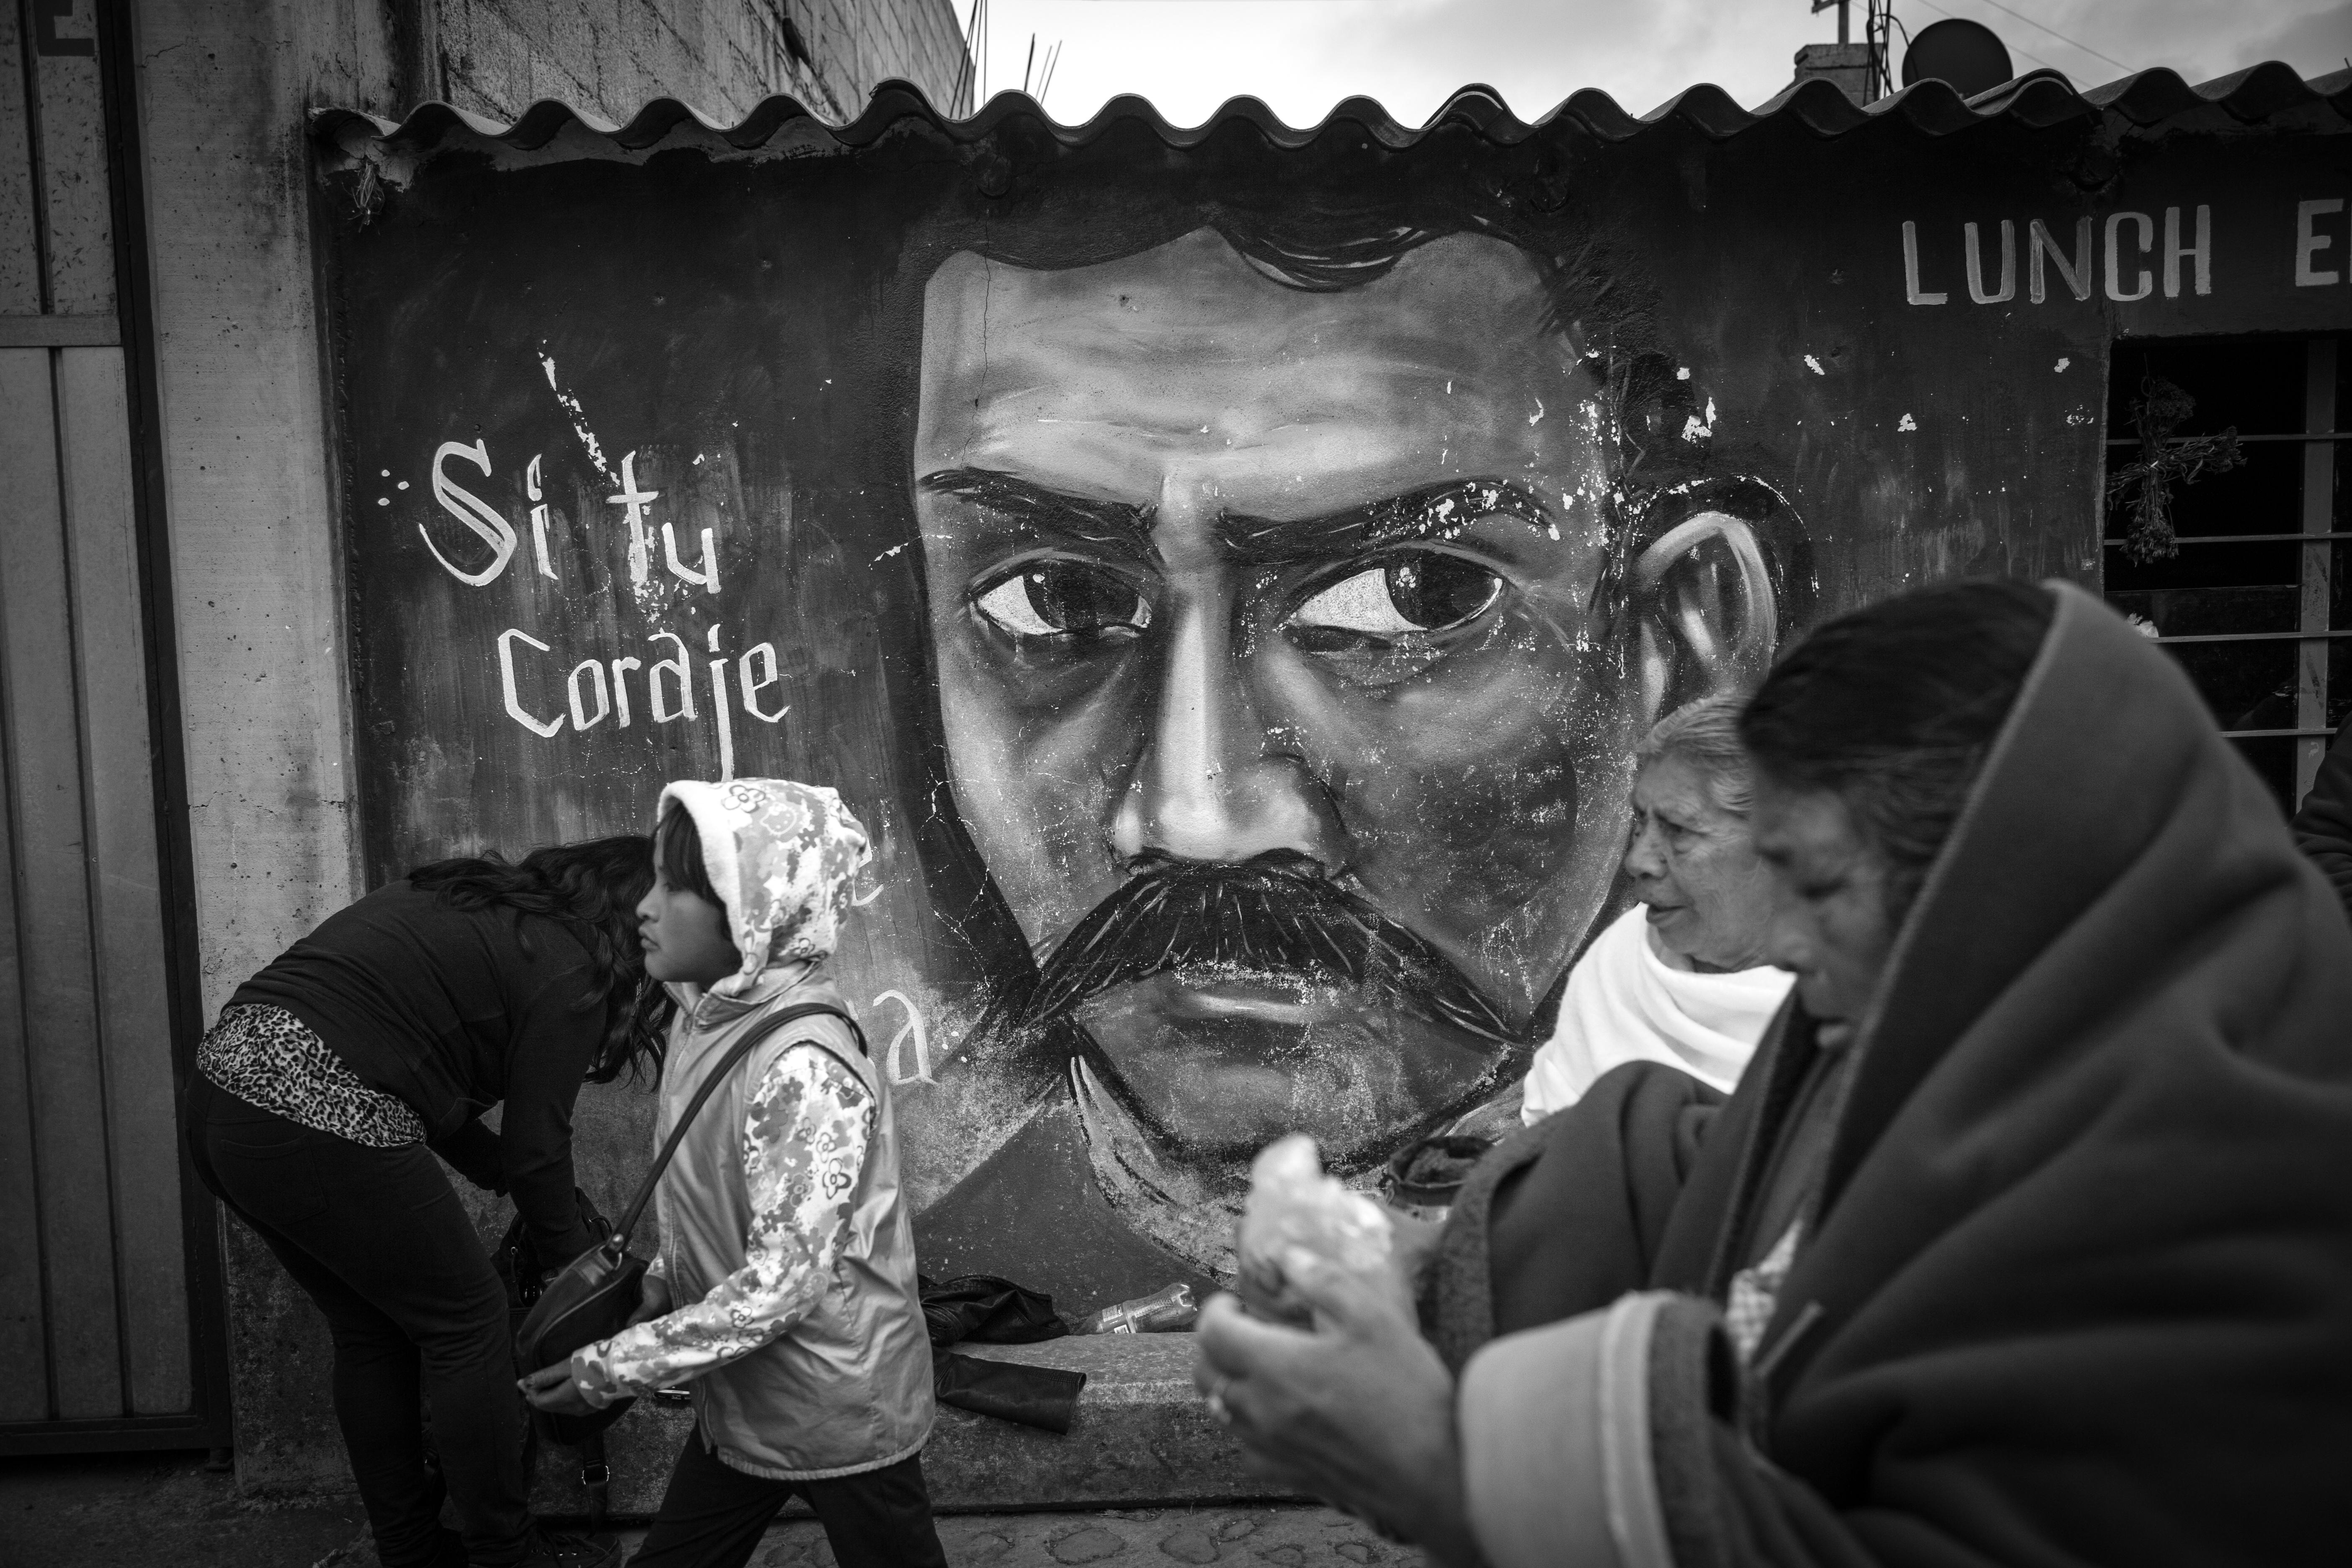 San Pedro Tlanixco, Edo. de México. 22 de noviembre de 2017